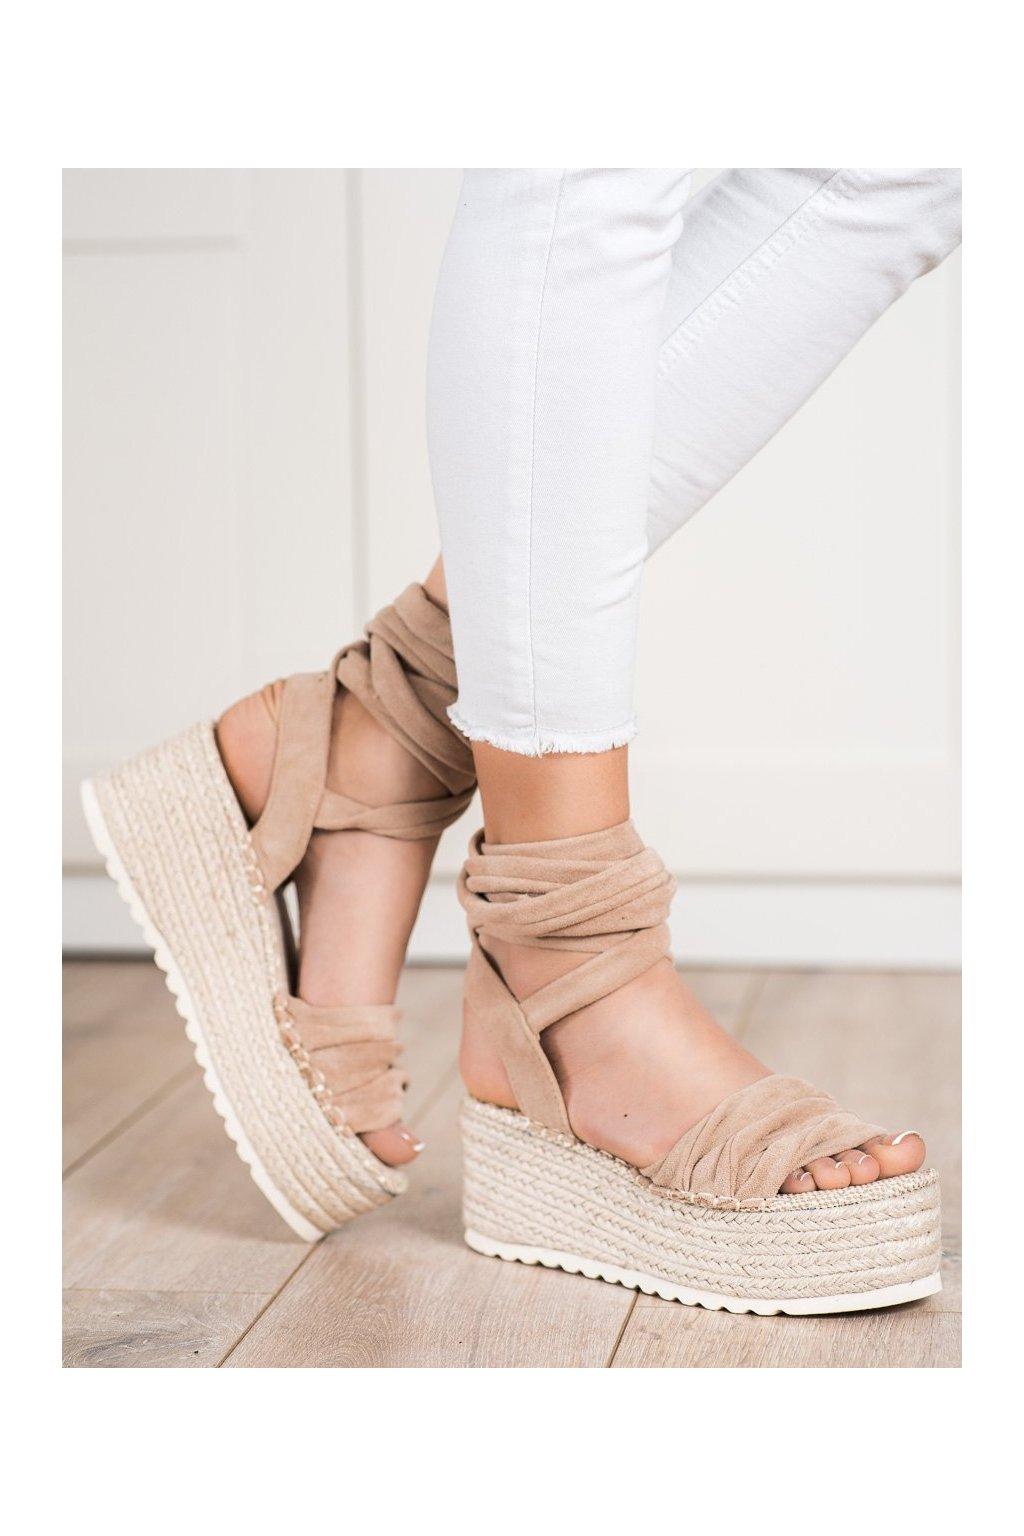 Hnedé sandále na platforme Shelovet kod BL262BE